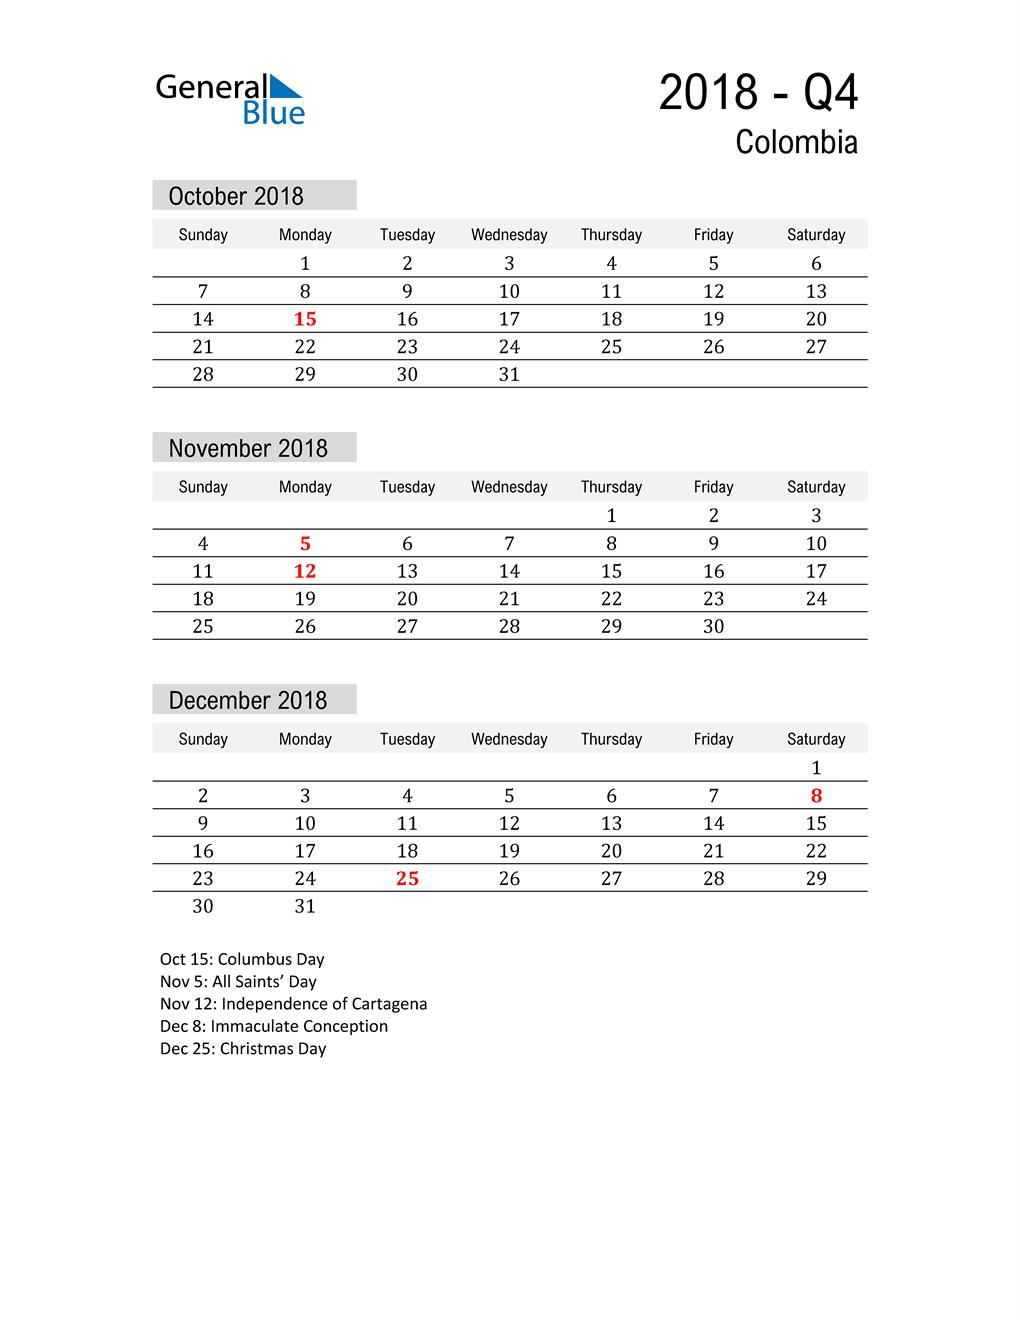 Colombia Quarter 4 2018 Calendar